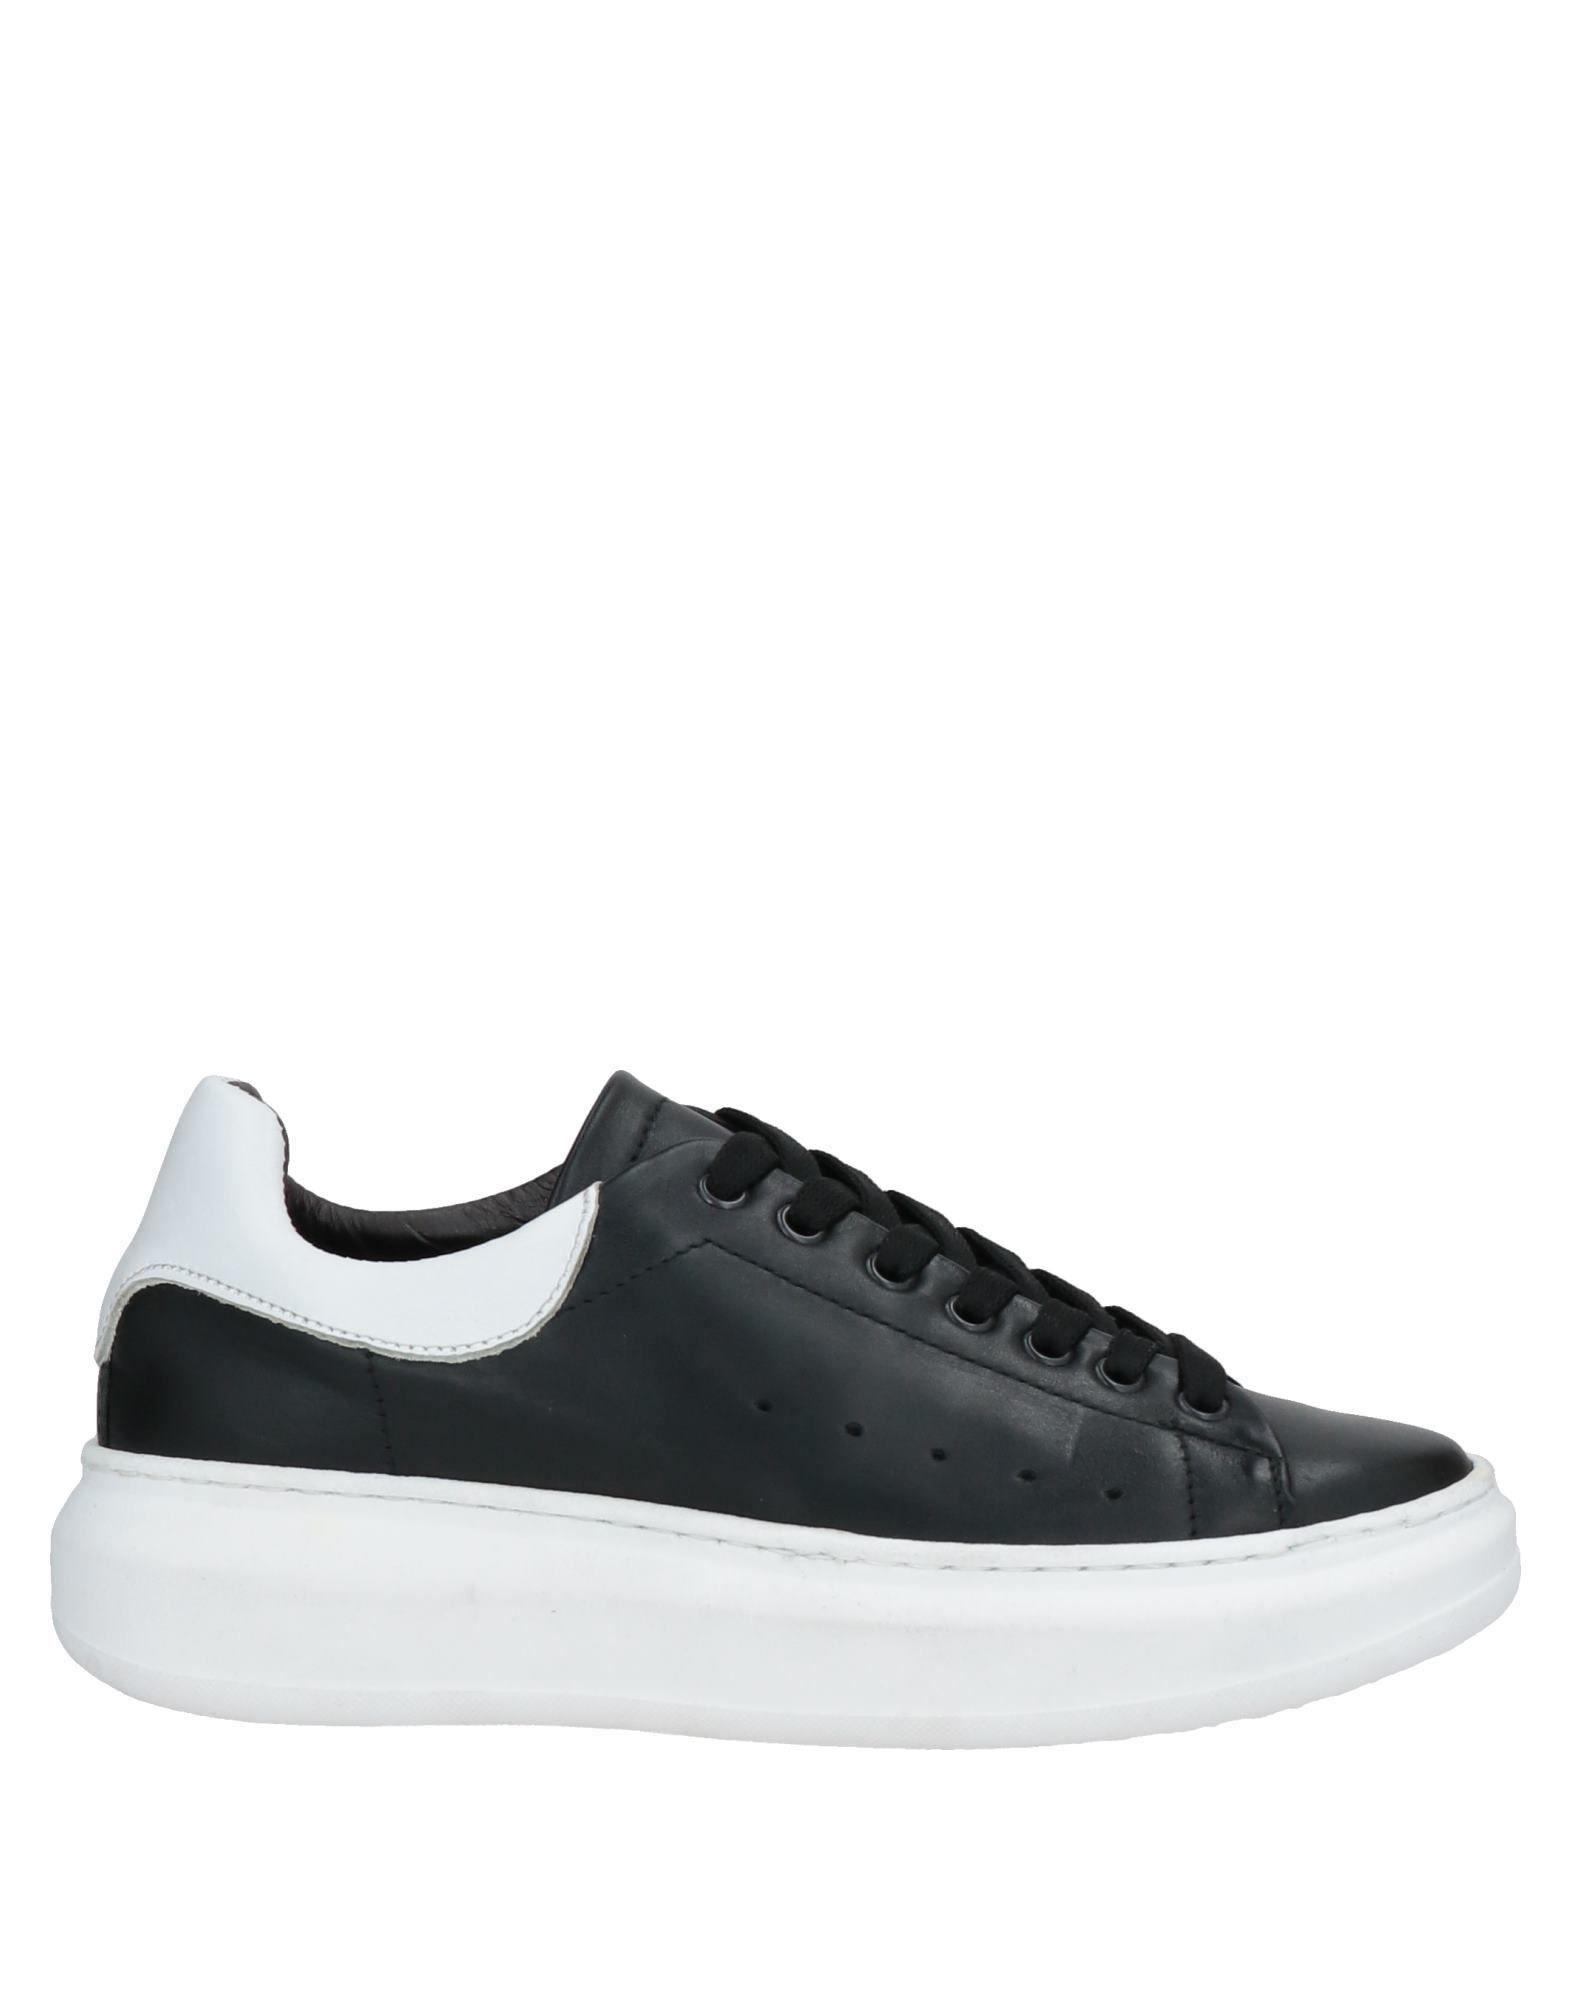 Roberto Della Croce Black Leather Sneakers